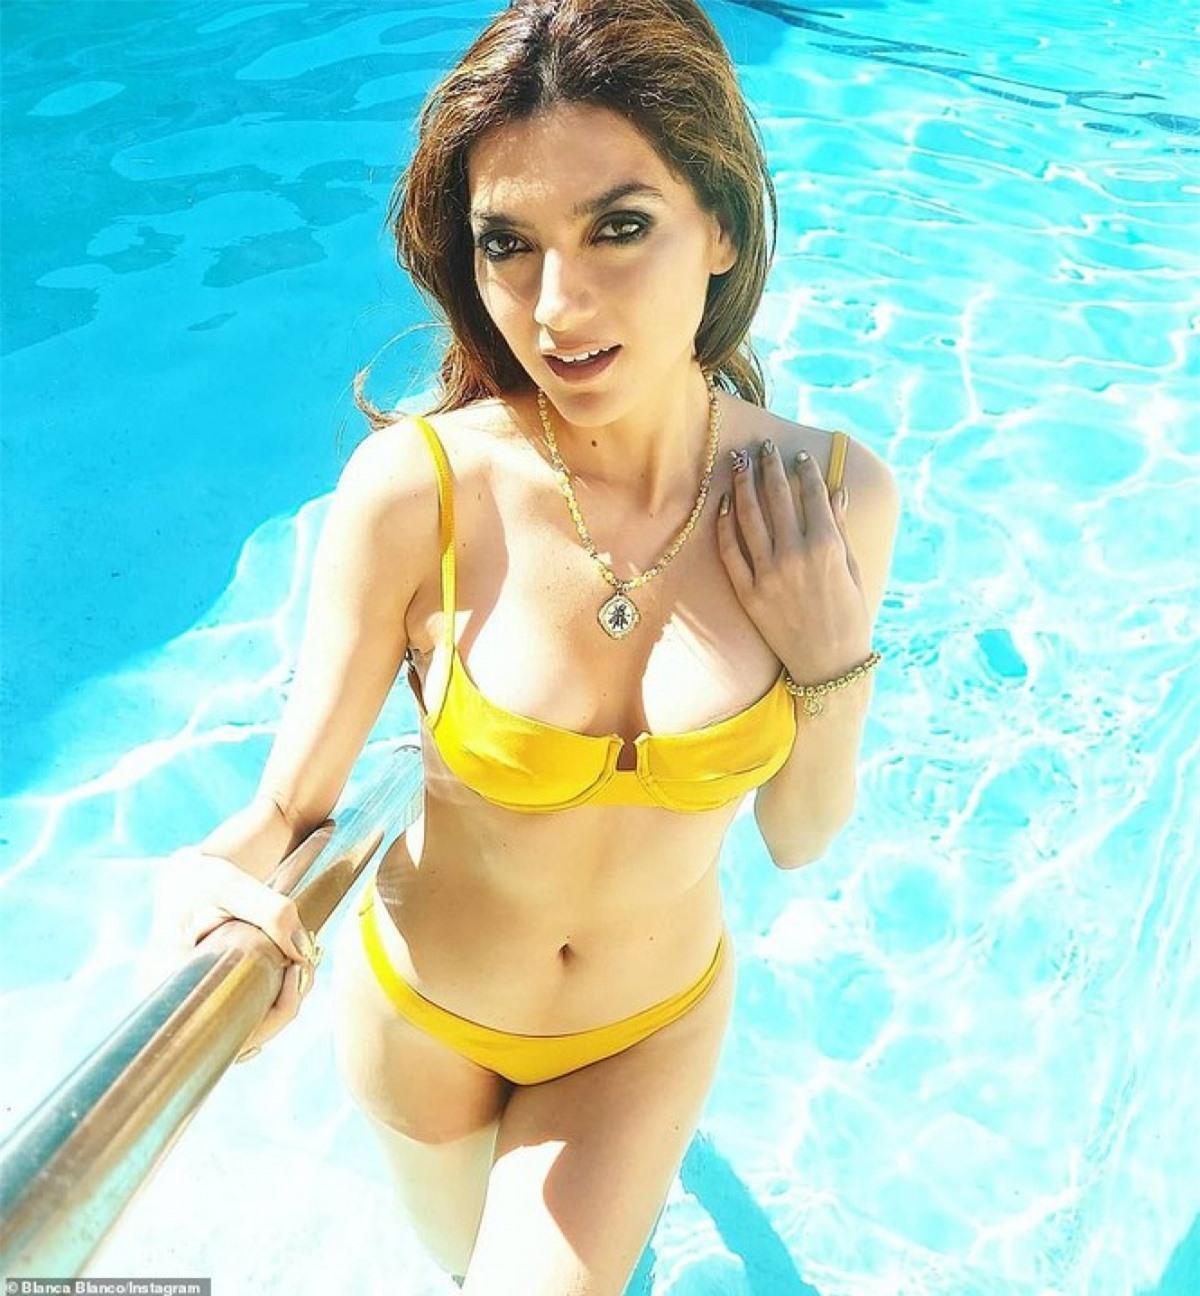 Blanca Blanco sinh năm 1981, sở hữu body săn chắc, đẹp như tạc tượng và không thua kém bất kì người mẫu nào với chiều cao 1m75 và 3 vòng lý tưởng.